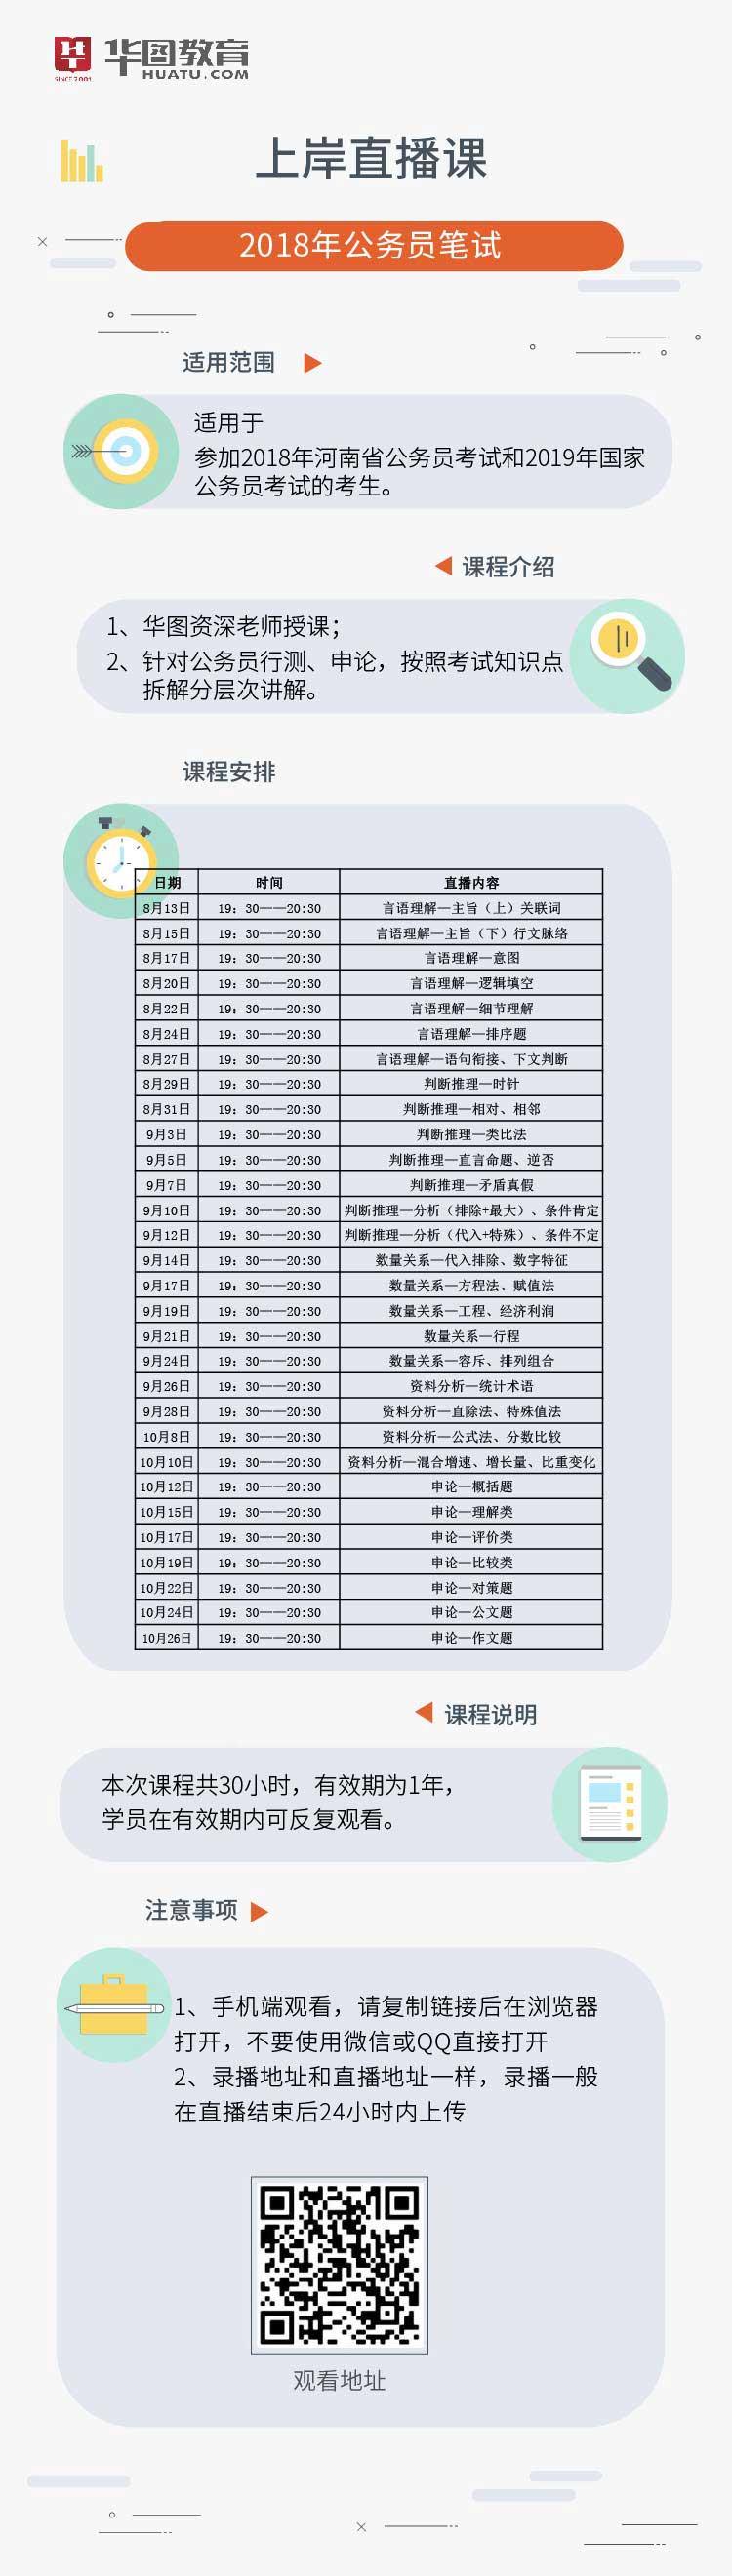 【9月10日19:00】2018河南公务员考试上岸直播课-判断推理(分析(排除+最大)、条件肯定)